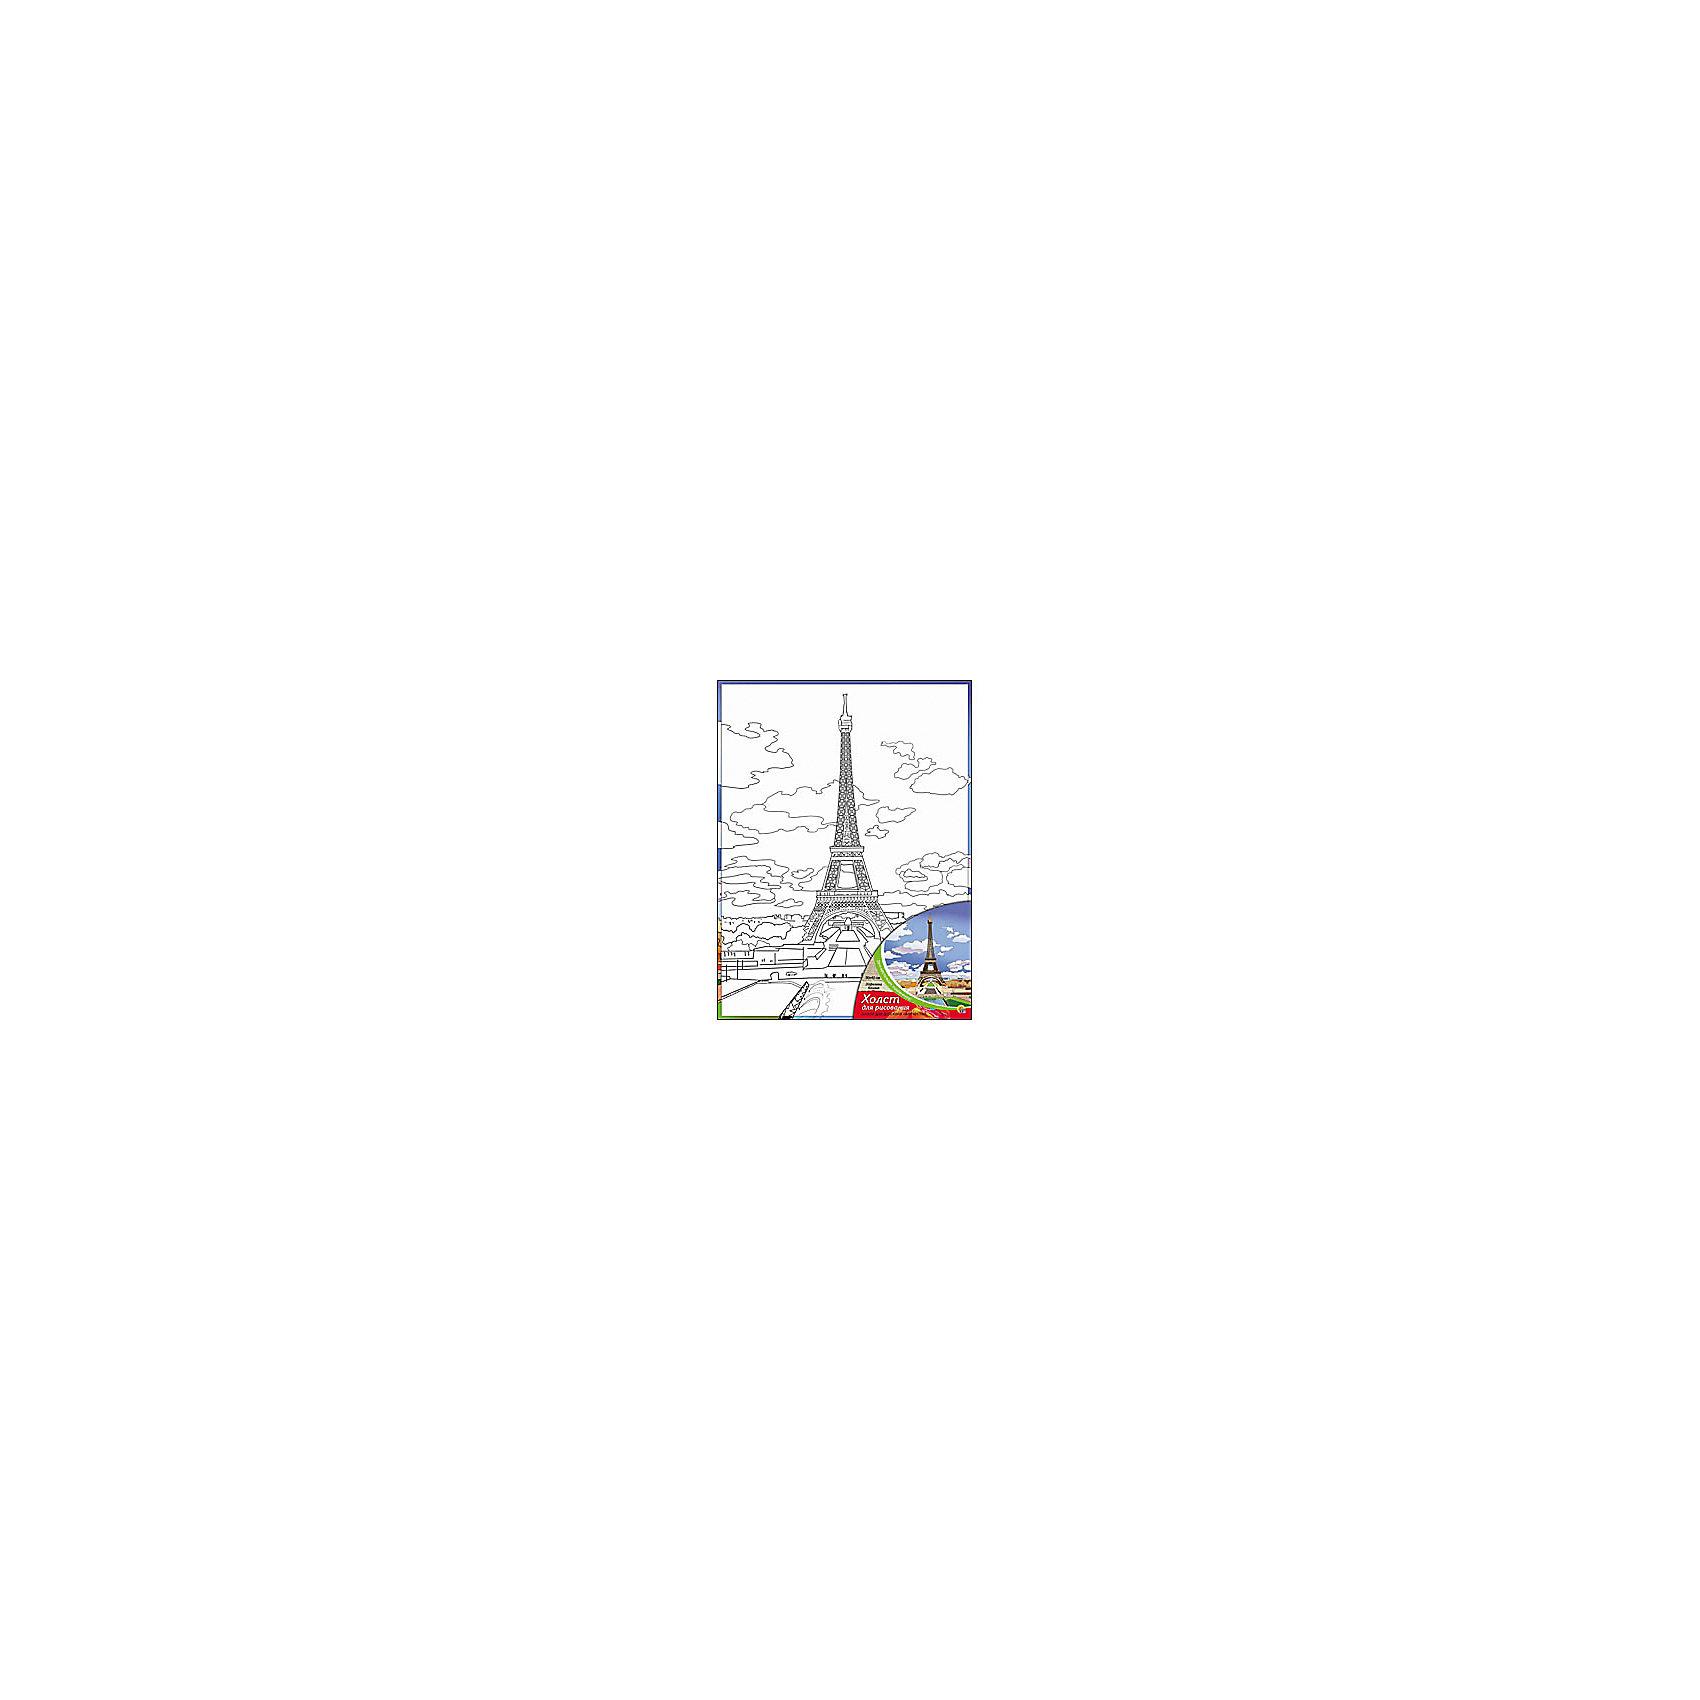 Холст с красками Эйфелева башня, 30х40 смРисование<br>Для любителей творчества прекрасно подойдет набор Эйфелева башня. Ребенок раскрасит нанесенный на холст эскиз яркими акриловыми красками. Такое творчество поможет развить аккуратность, усидчивость и художественные навыки. Готовую картину можно подарить друзьям или оставить для украшения своей комнаты.<br><br>Дополнительная информация:<br>В наборе: холст-эскиз, 16 акриловых красок, кисточка<br>Размер: 30х1,5х40 см<br>Вес: 370 грамм<br>Вы можете приобрести холст с красками Эйфелева башня в нашем интернет-магазине.<br><br>Ширина мм: 400<br>Глубина мм: 15<br>Высота мм: 300<br>Вес г: 370<br>Возраст от месяцев: 36<br>Возраст до месяцев: 120<br>Пол: Унисекс<br>Возраст: Детский<br>SKU: 4939555